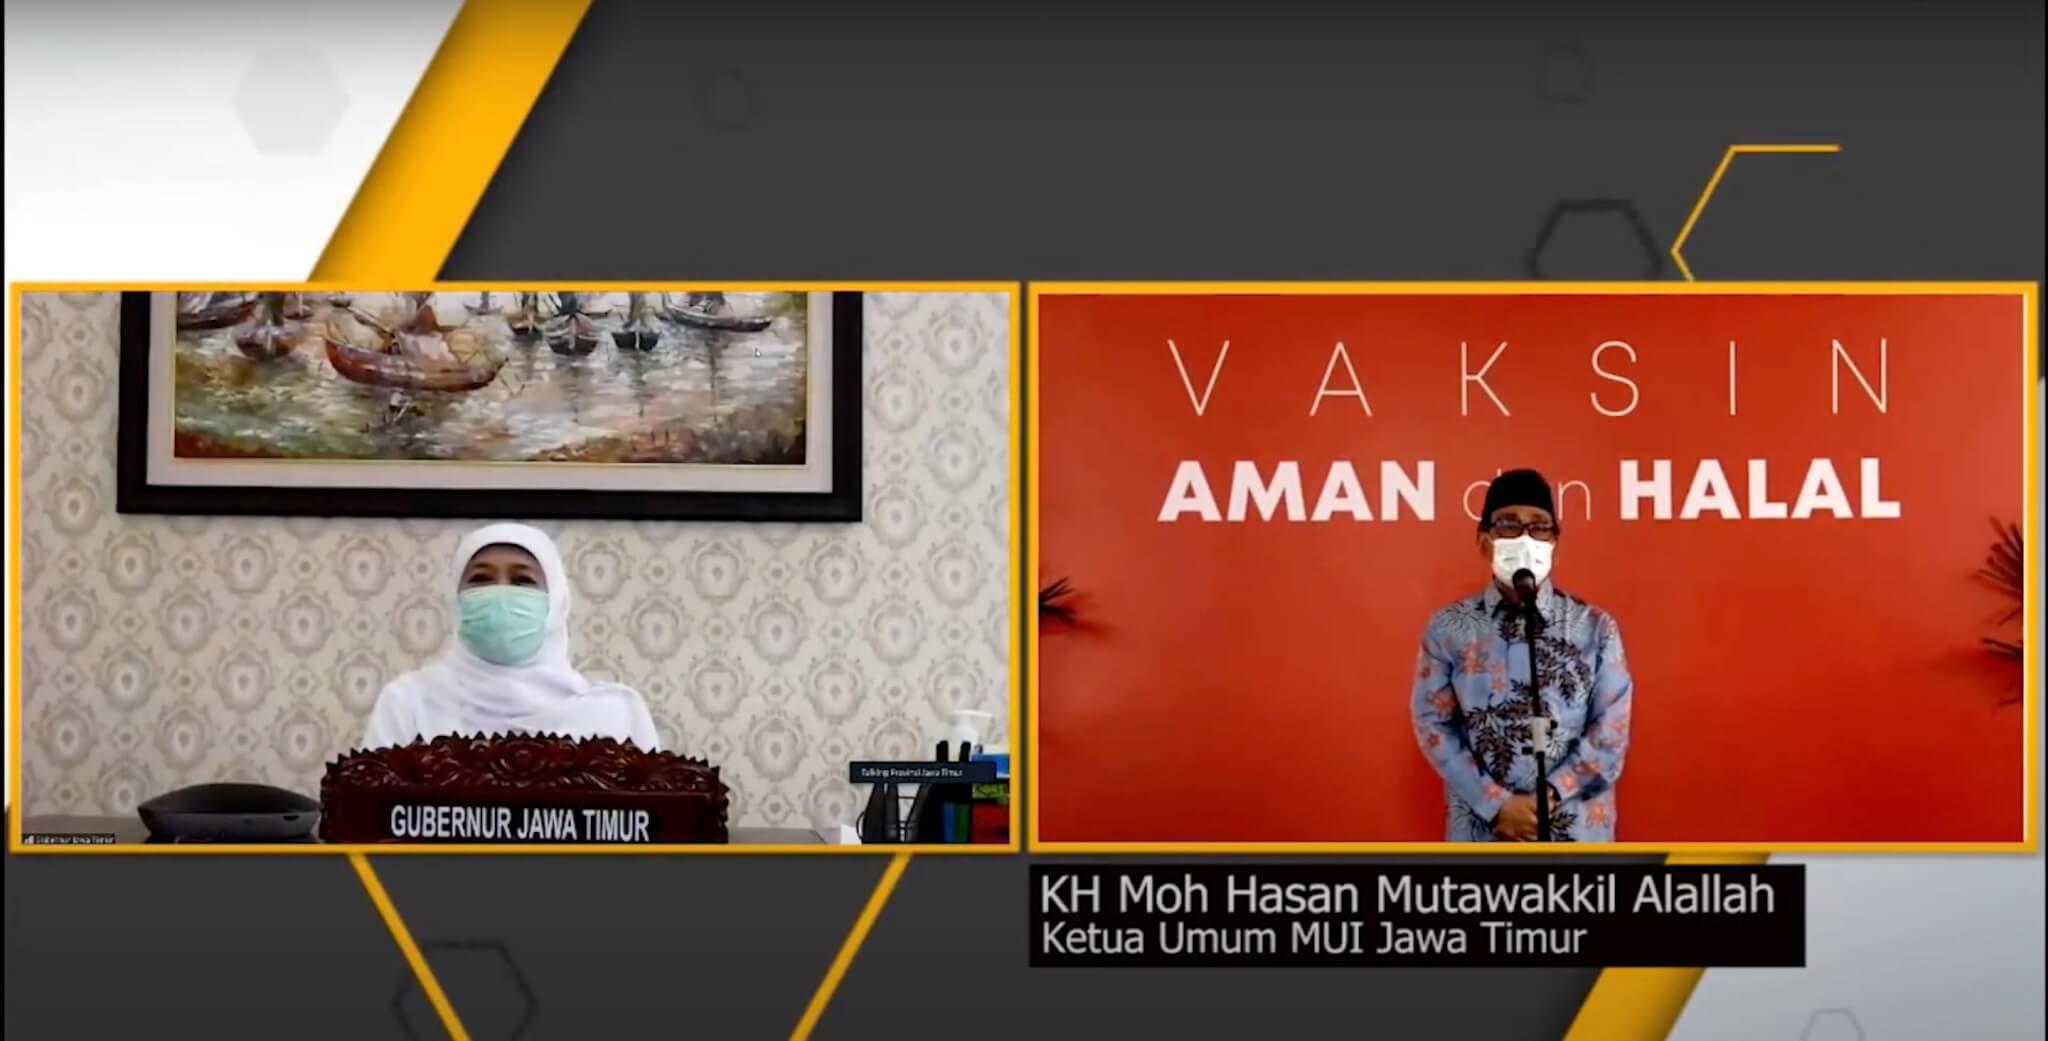 KH. Moh. Hasan Mutawakkil Alallah, S.H, M.M sebagai Ketua Umum MUI Jawa Timur Mendukung Program Vaksinasi COVID-19 dari Pemerintah.